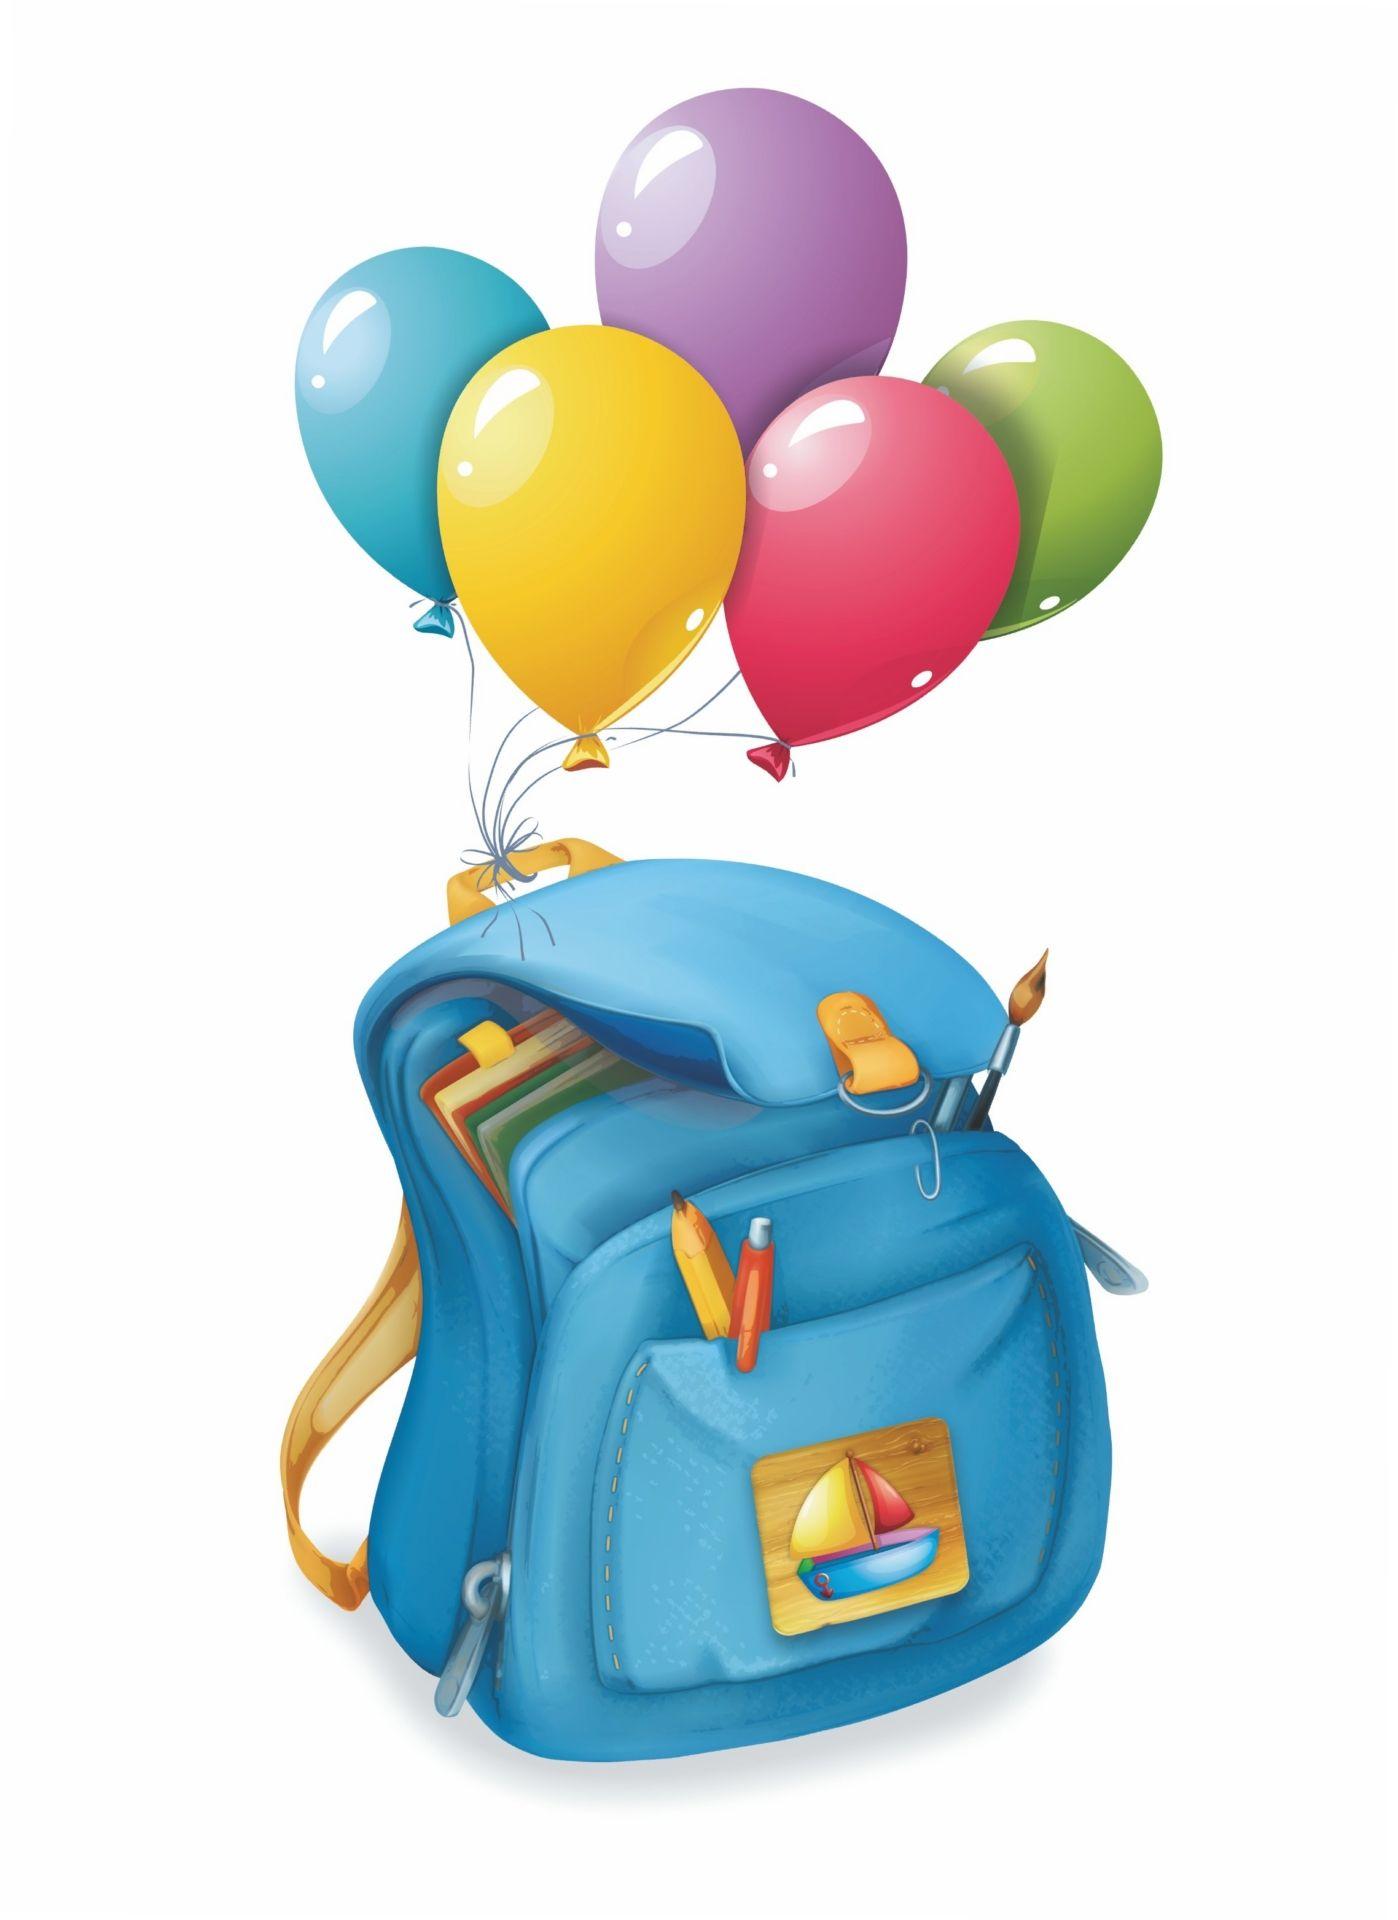 Плакат вырубной Школьный ранец: 192х3501 Сентября<br>.<br><br>Год: 2017<br>Серия: Вырубные фигуры для оформления<br>Высота: 350<br>Ширина: 192